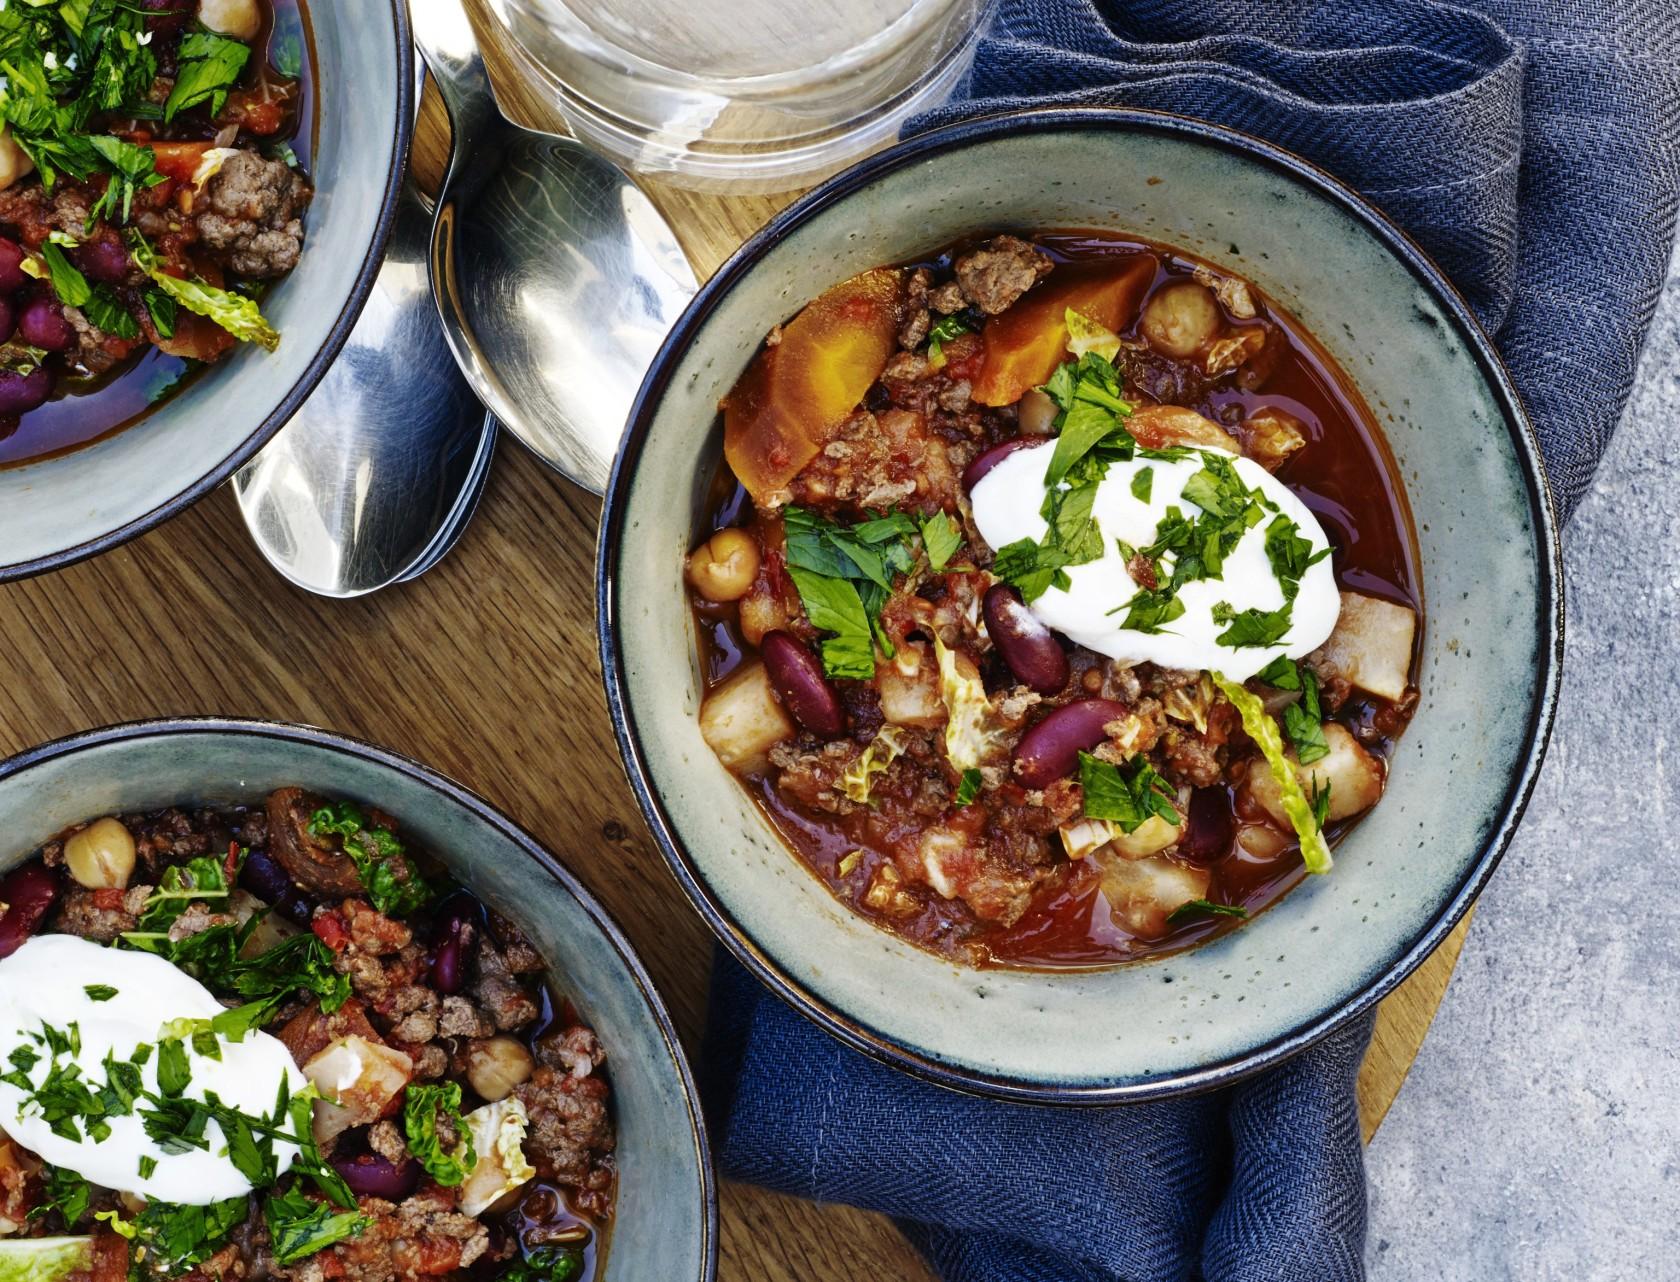 Chili con carne med grøntsager - god opskrift på mexicansk mad.